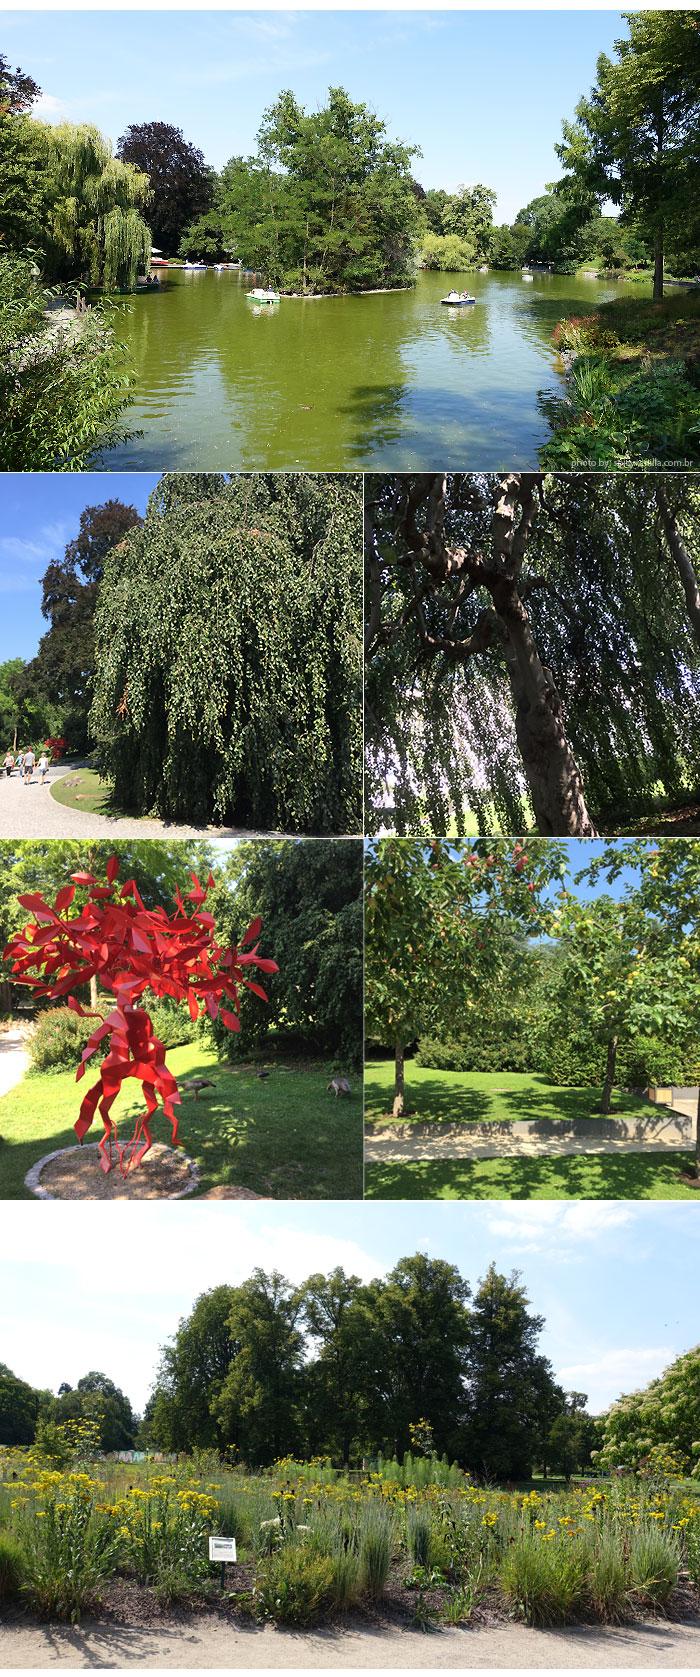 bothanic garden turismo frankfurt